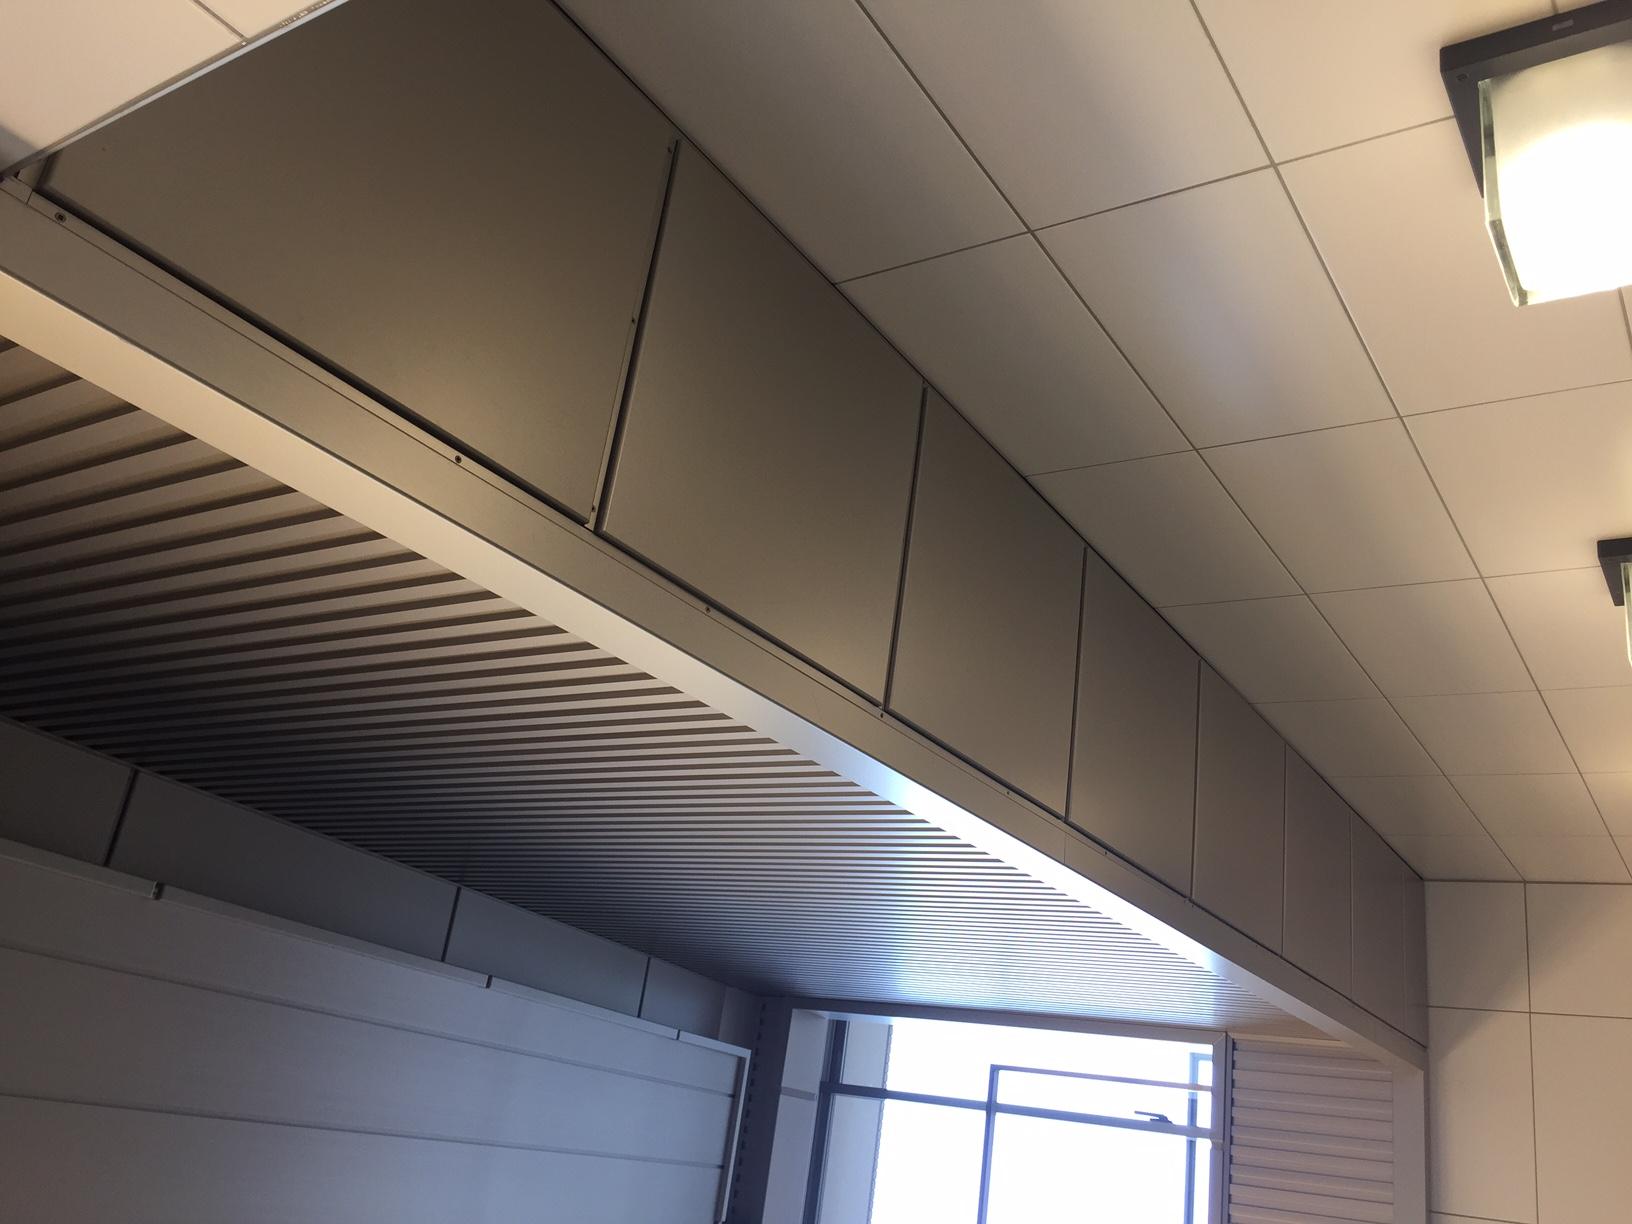 サンシティー立川昭和記念公園 天井照明パネル(4方) 天井・壁パネル・結露受け2